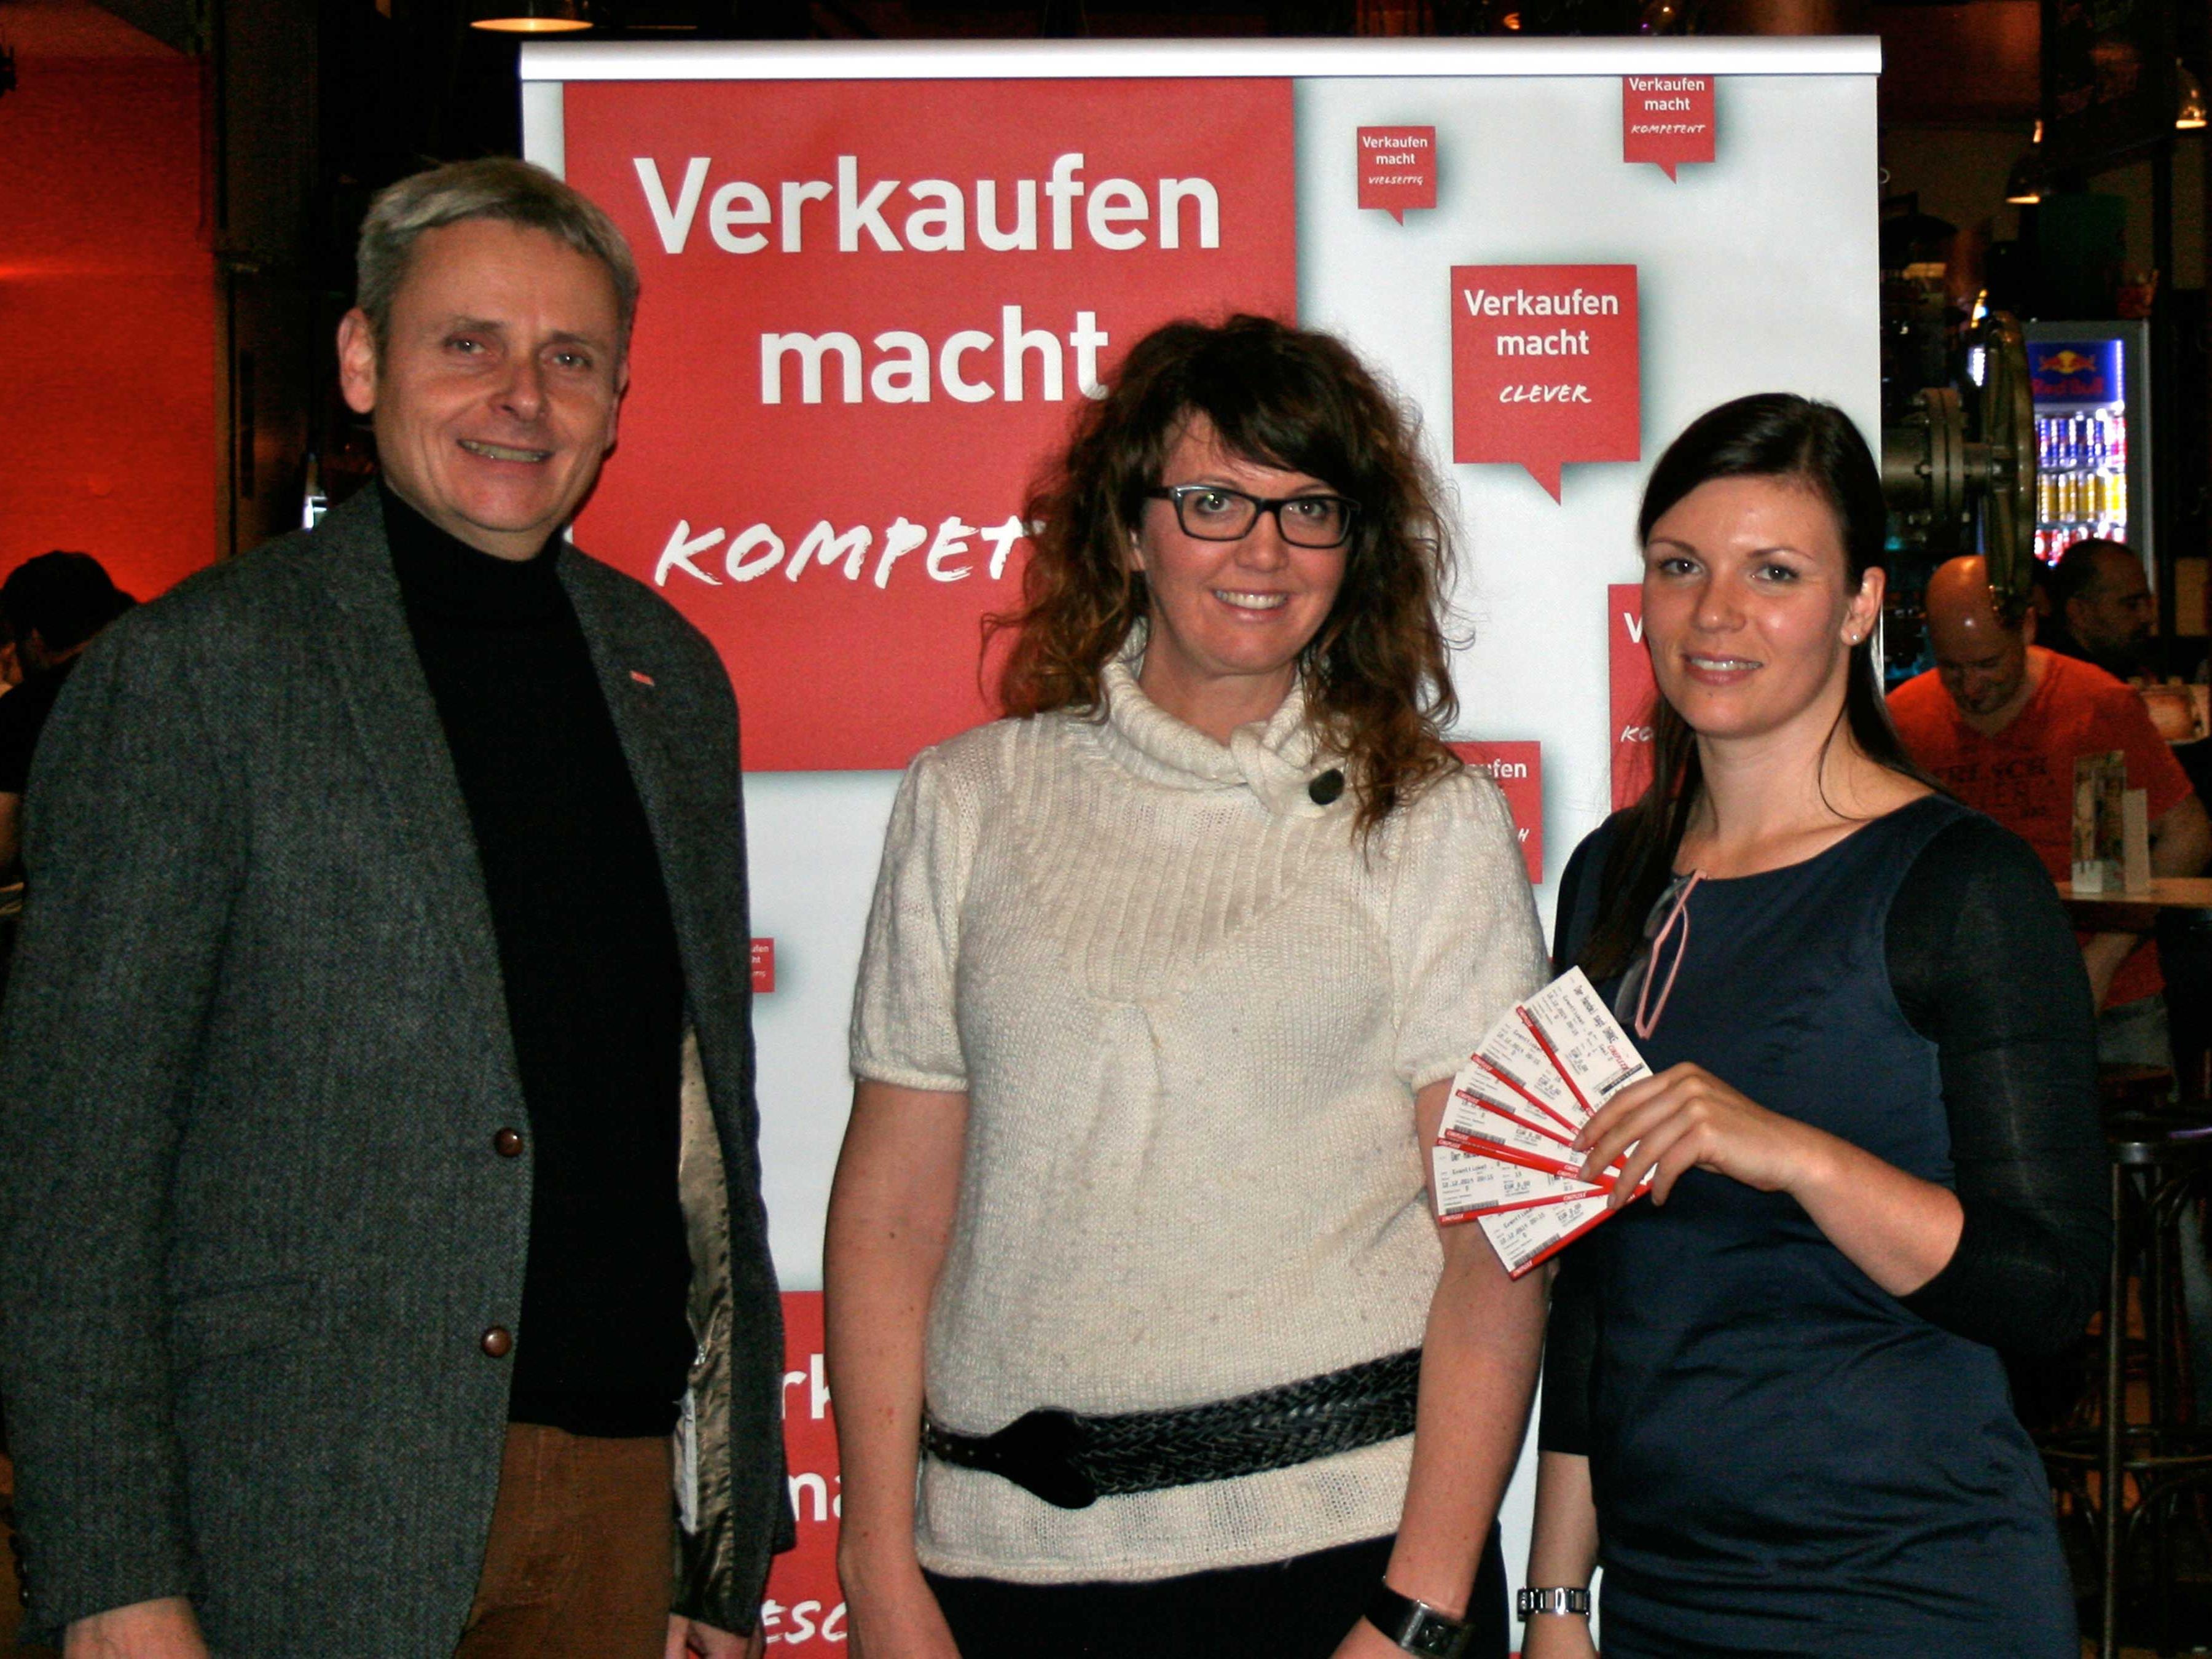 Spartengeschäftsführer Michael Tagwerker, Eva Deschler-Einwaller (ikp Vorarlberg) und Maria Seidel (Spartenbüro Handel).